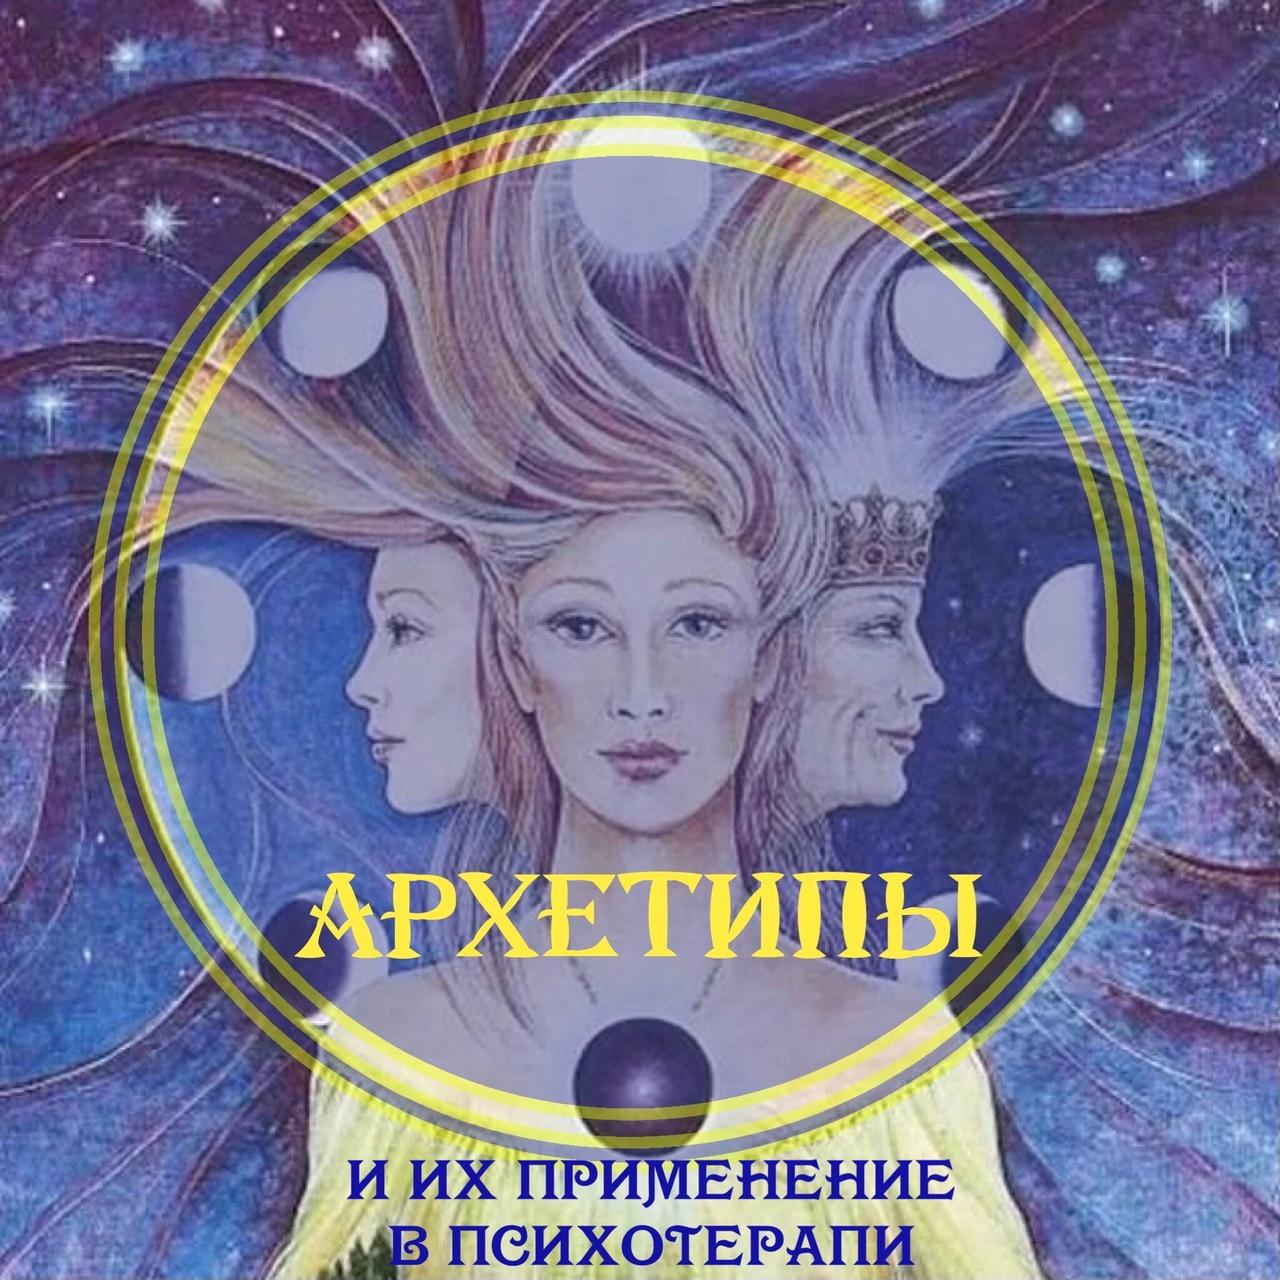 Афиша Новосибирск Архетипы и их применение в психотерапии